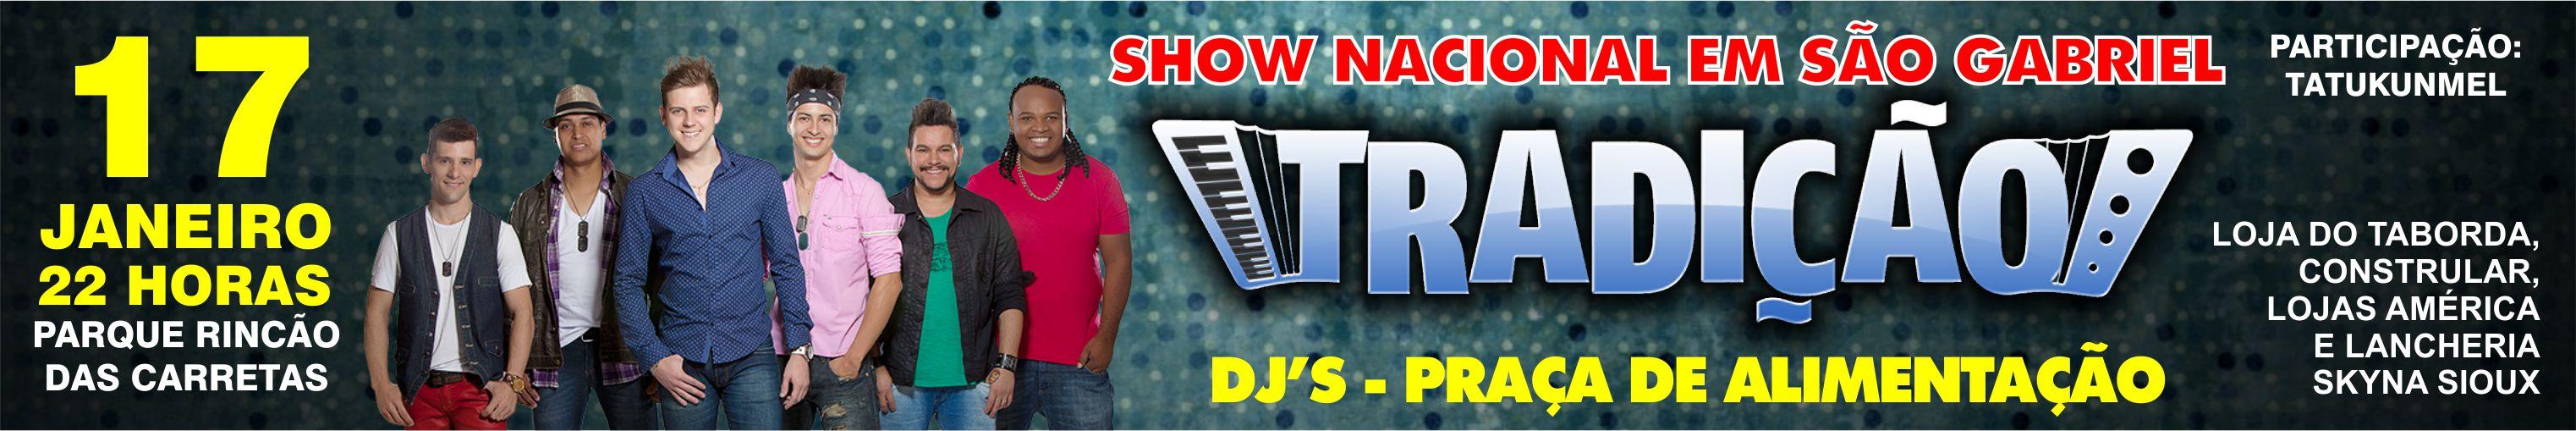 Banner anúncio show Tradição em São Gabriel